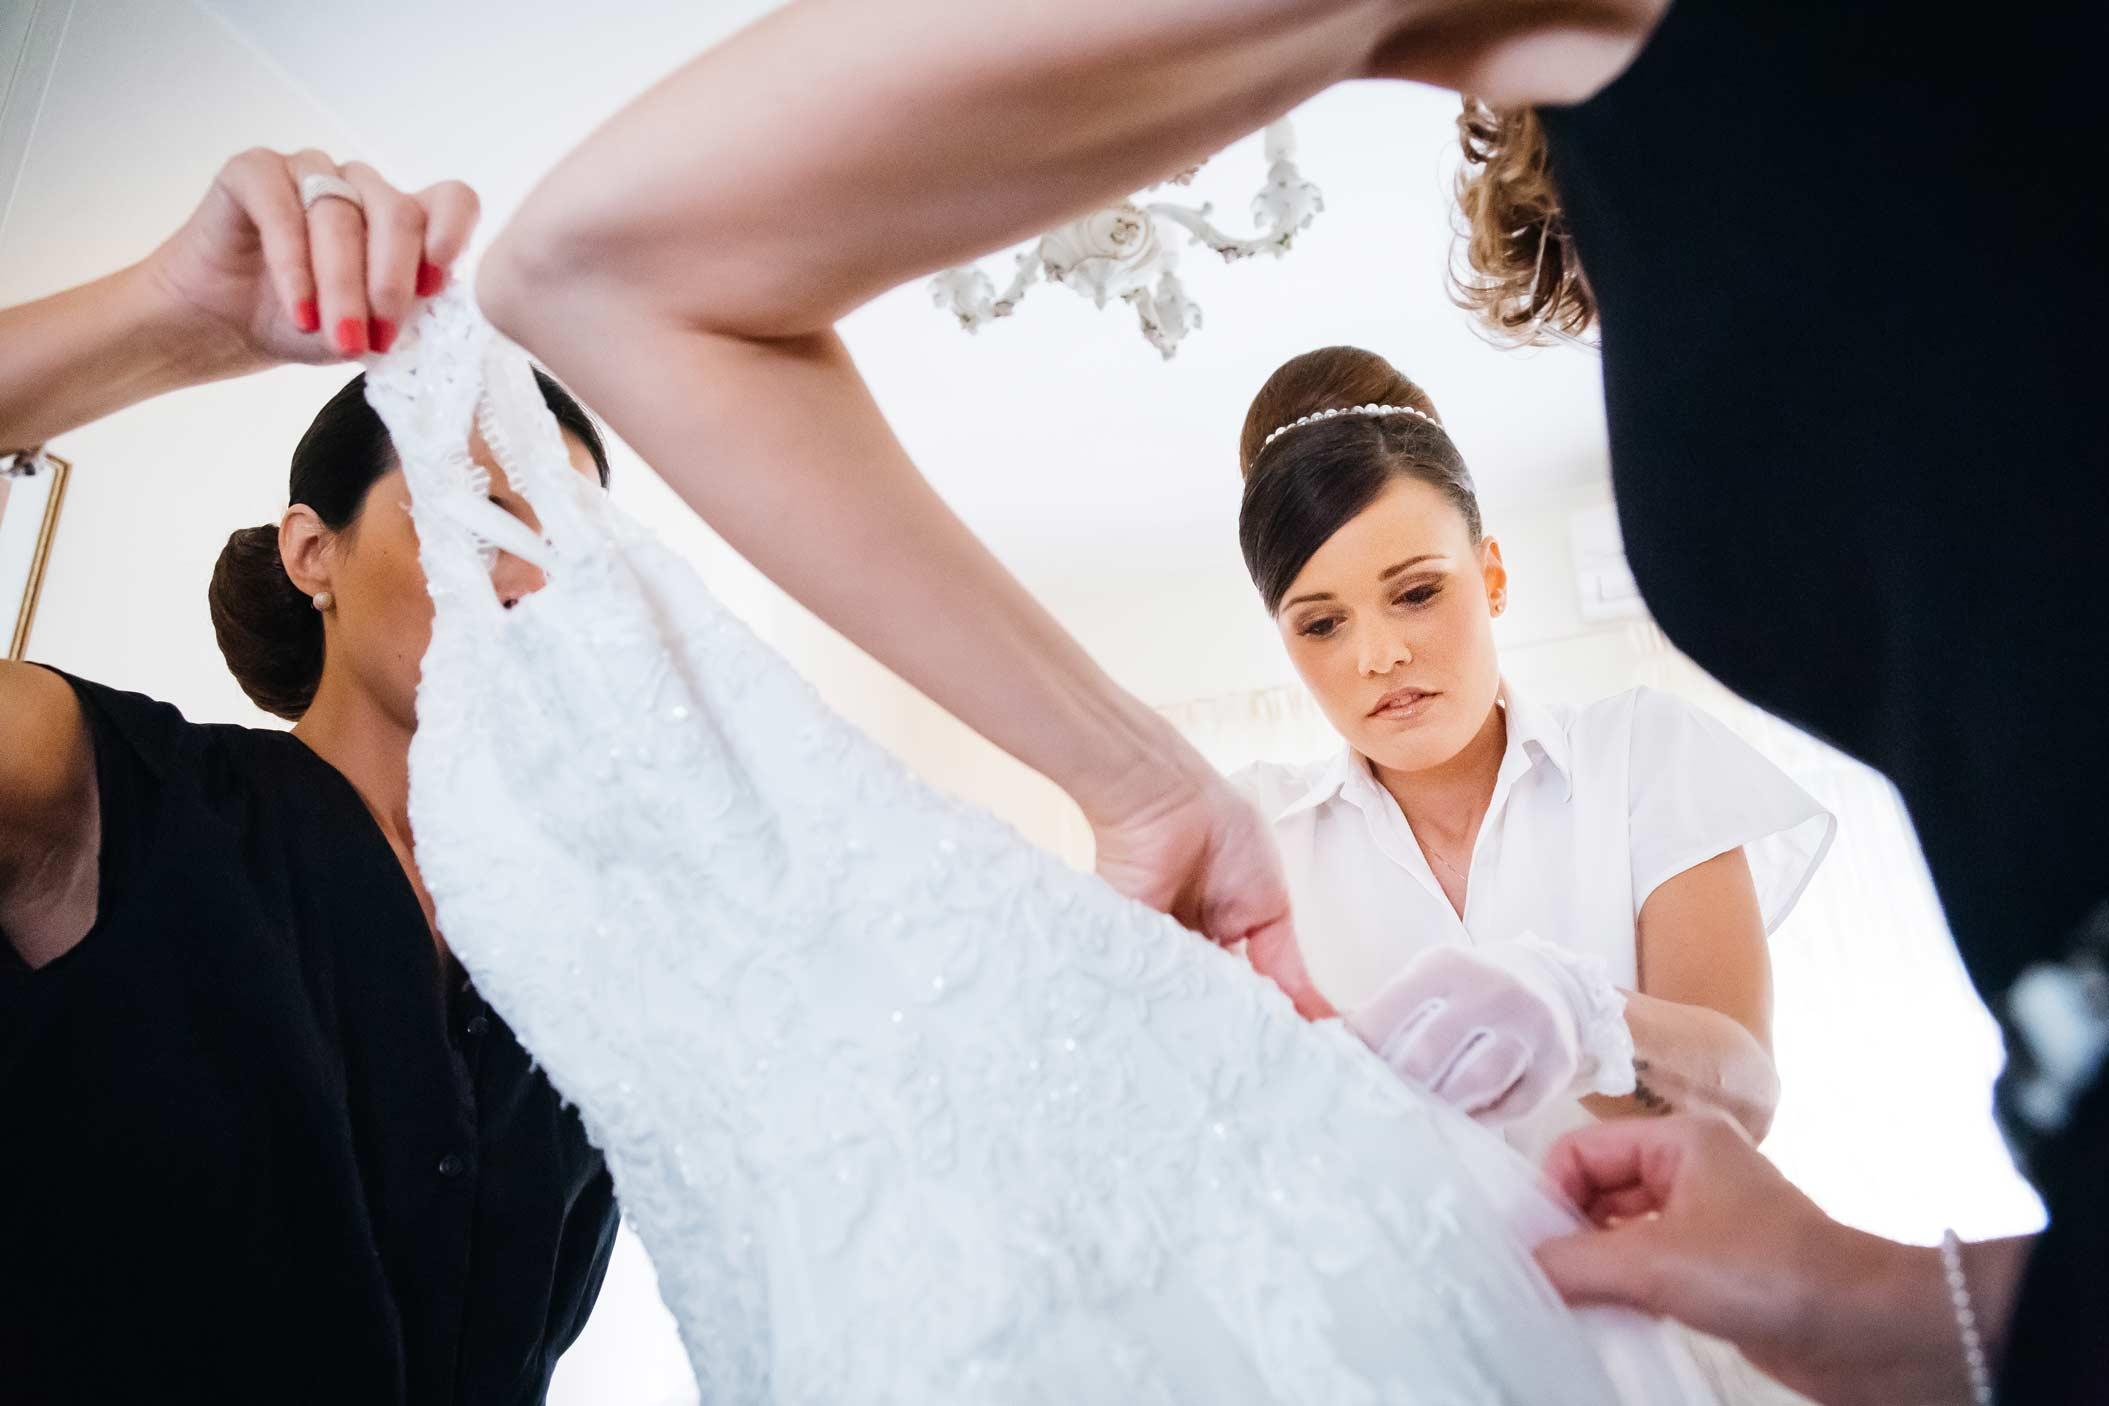 Reportage-Di-Matrimonio-Fotografo-Preparativi-Sposa